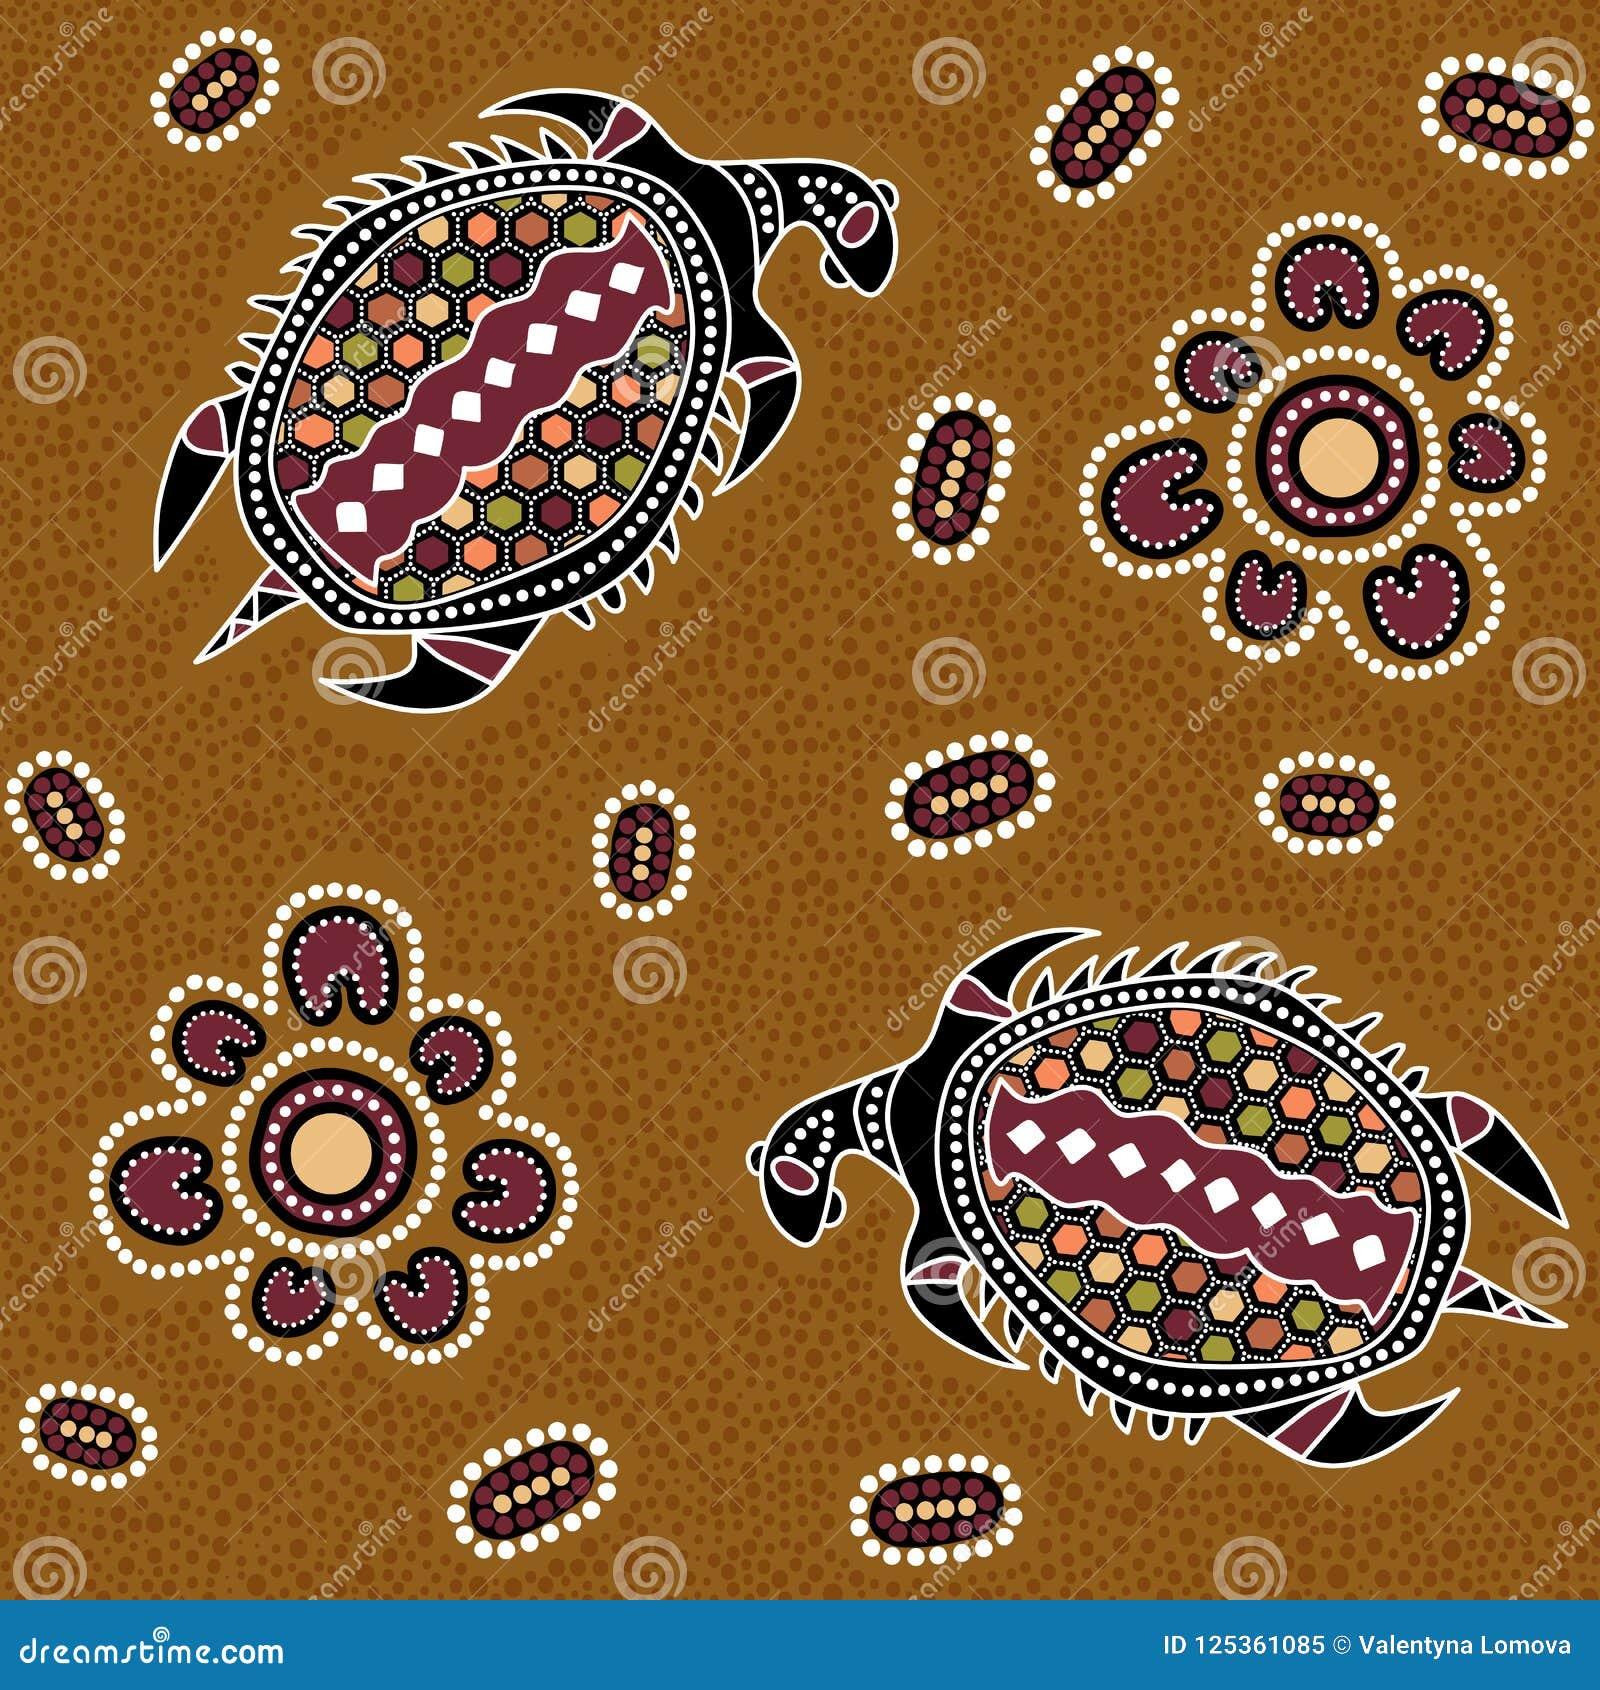 Modelo inconsútil aborigen australiano del vector con los círculos punteados, los óvalos, las tortugas y otros elementos